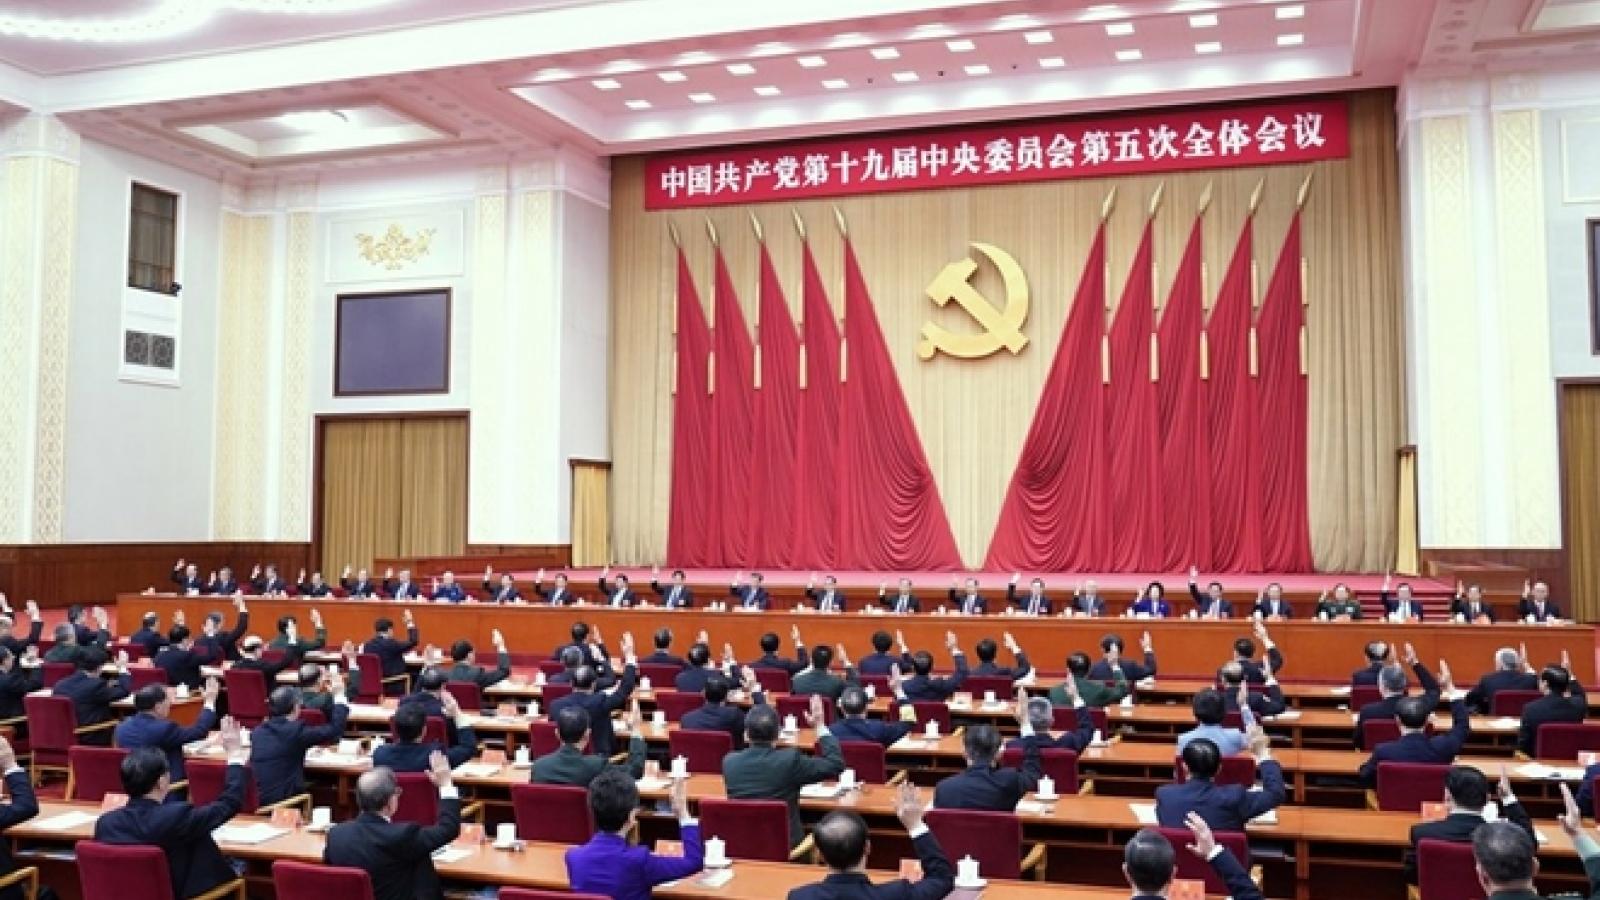 Trung Quốc tổ chức Hội nghị Trung ương 6 vào tháng 11 bàn về vấn đề lịch sử